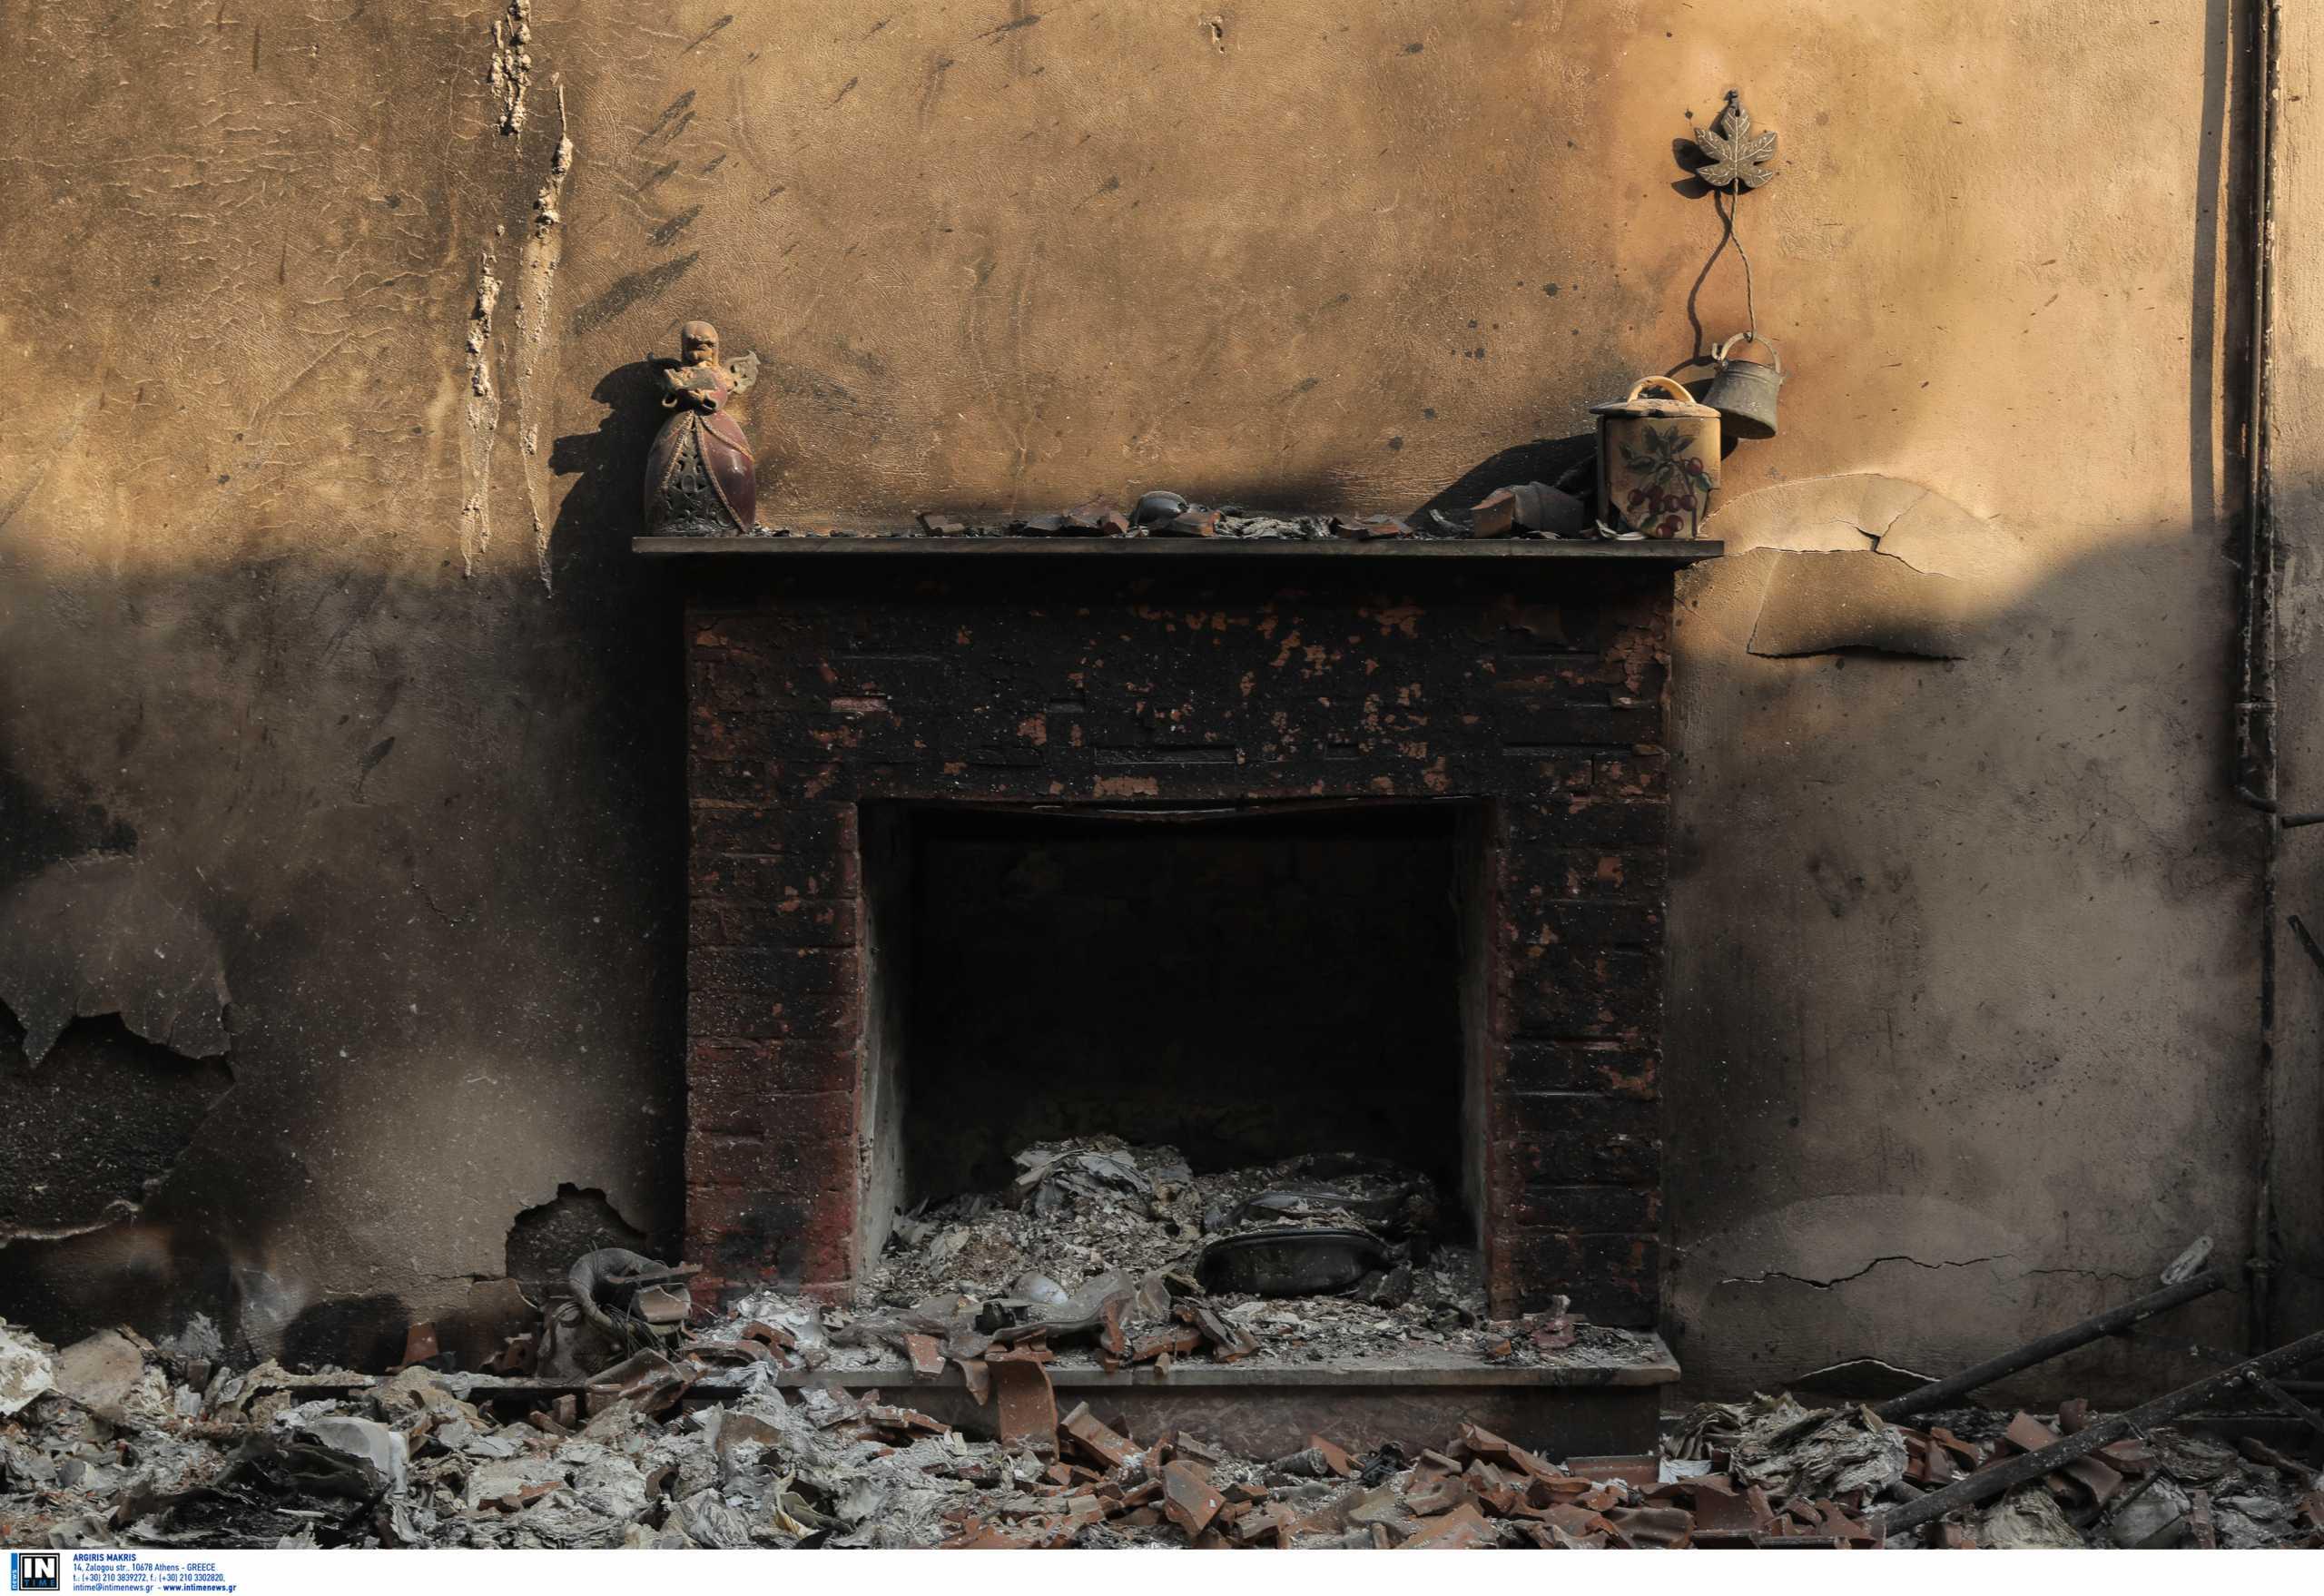 Φωτιές: Έκτακτα μέτρα για τις θέσεις εργασίας με την ΠΝΠ – Εφάπαξ 6.000 ευρώ σε όσους τραυματίστηκαν